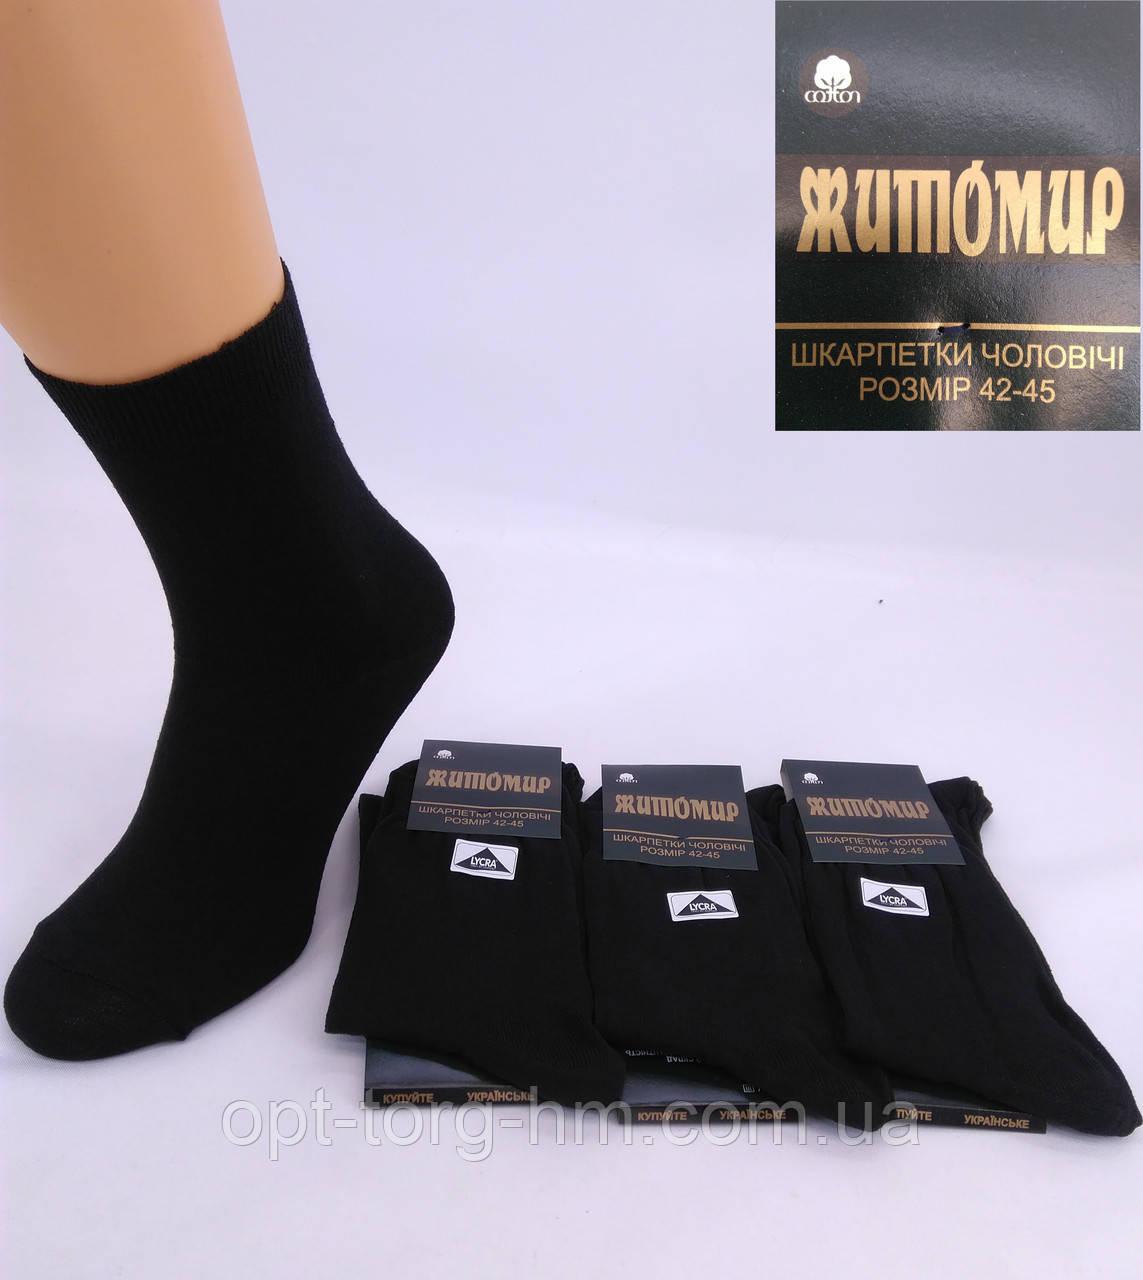 Мужские носки Lycra (42-45обувь)